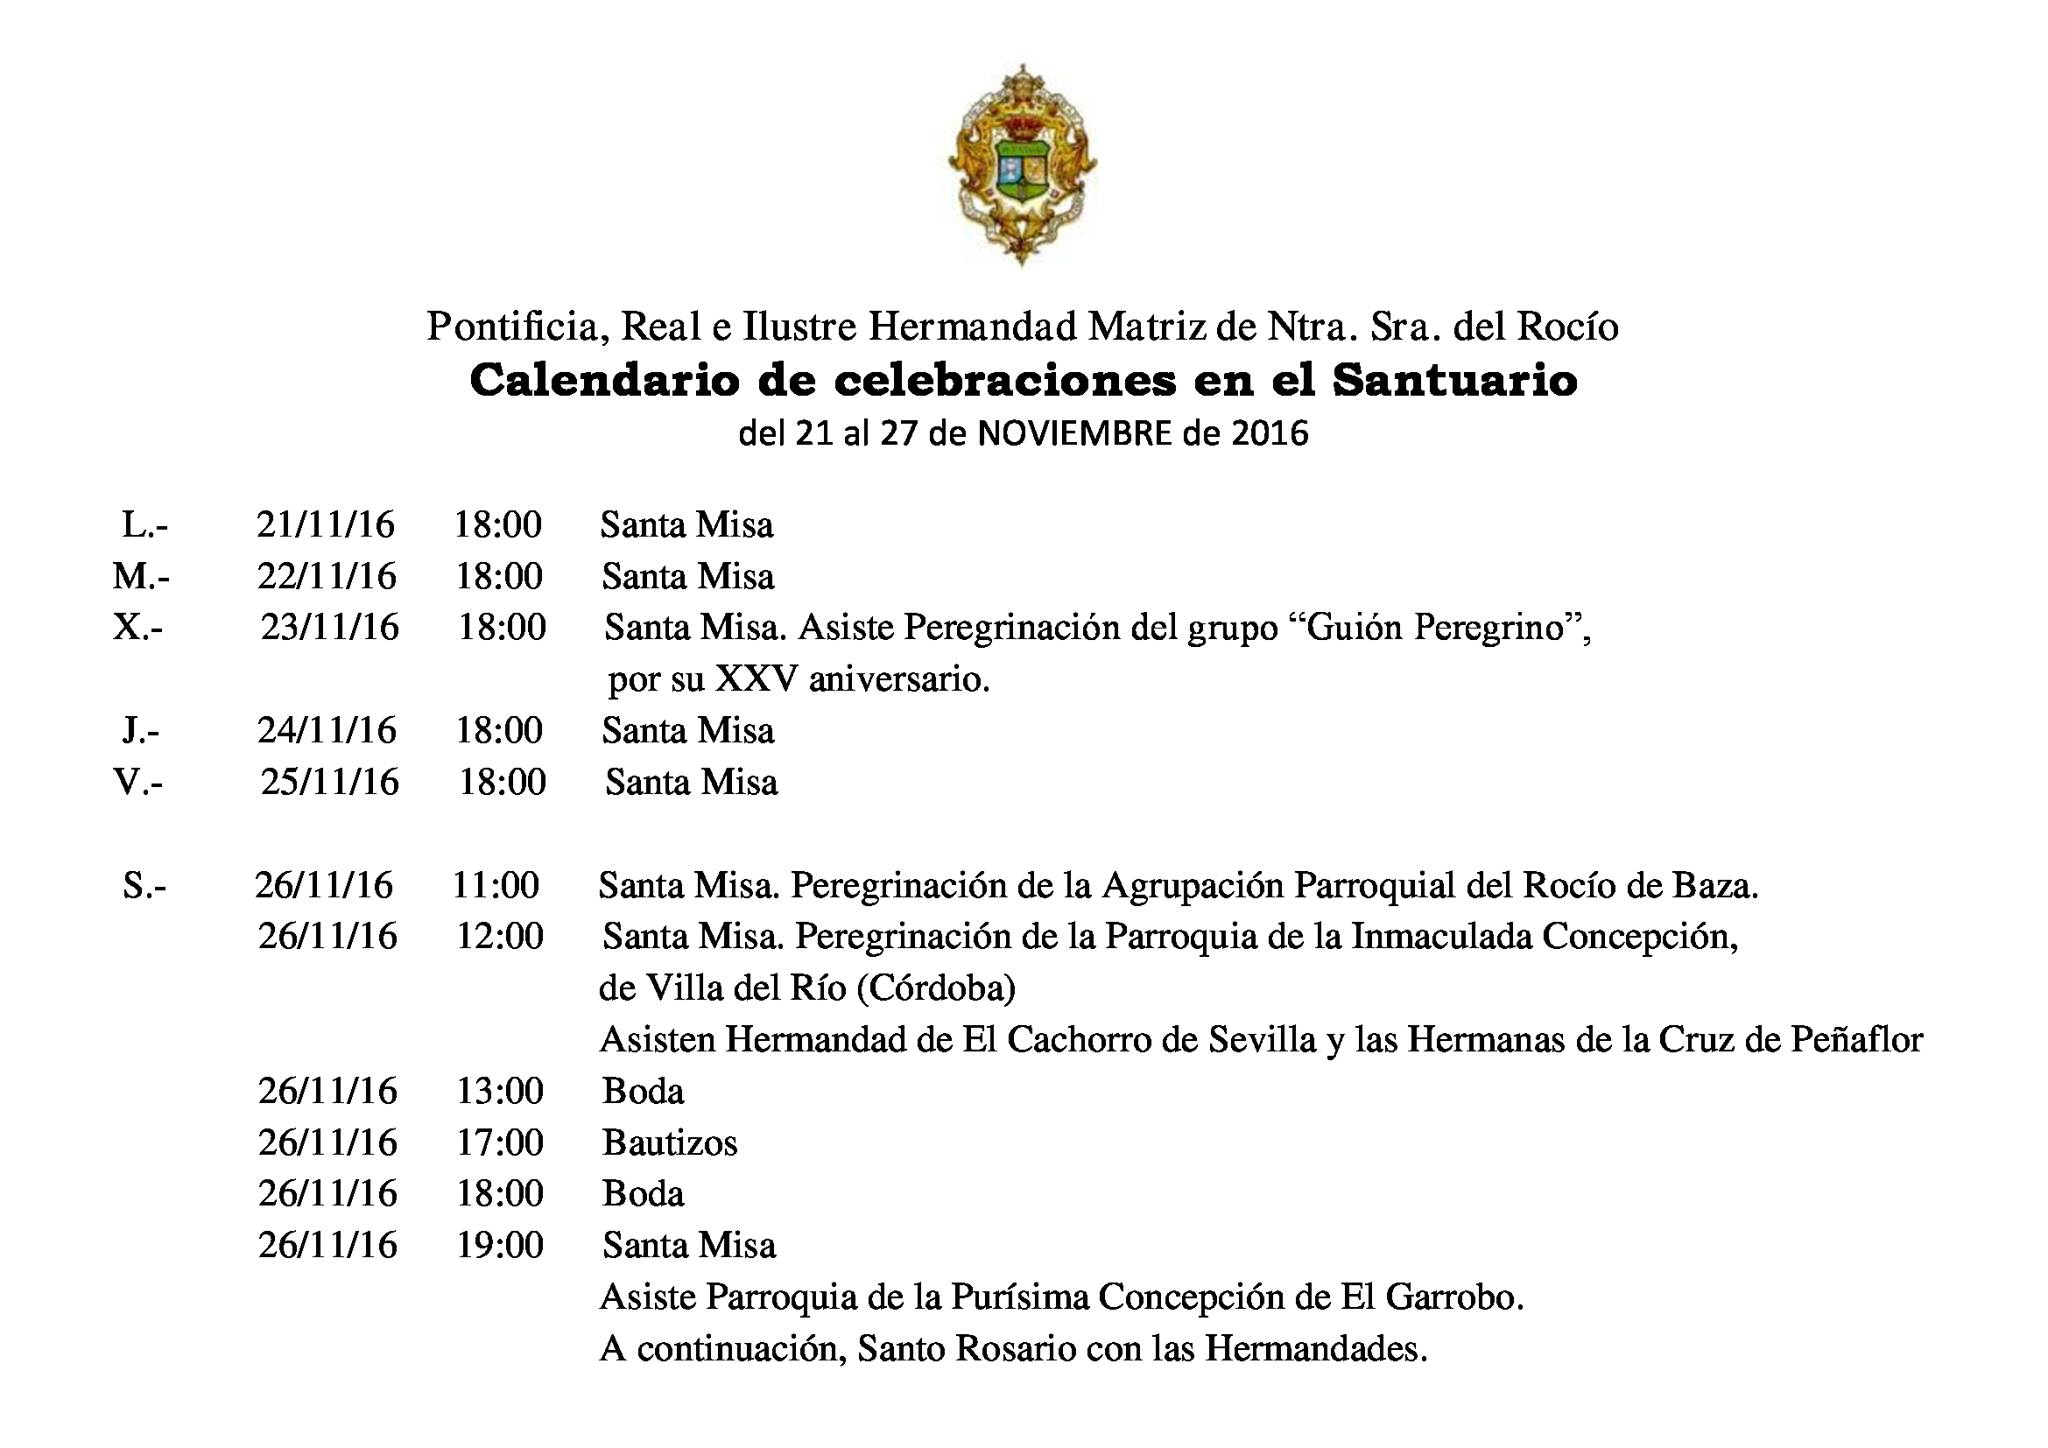 calendario-del-21-al-27-de-noviembre-de-2016